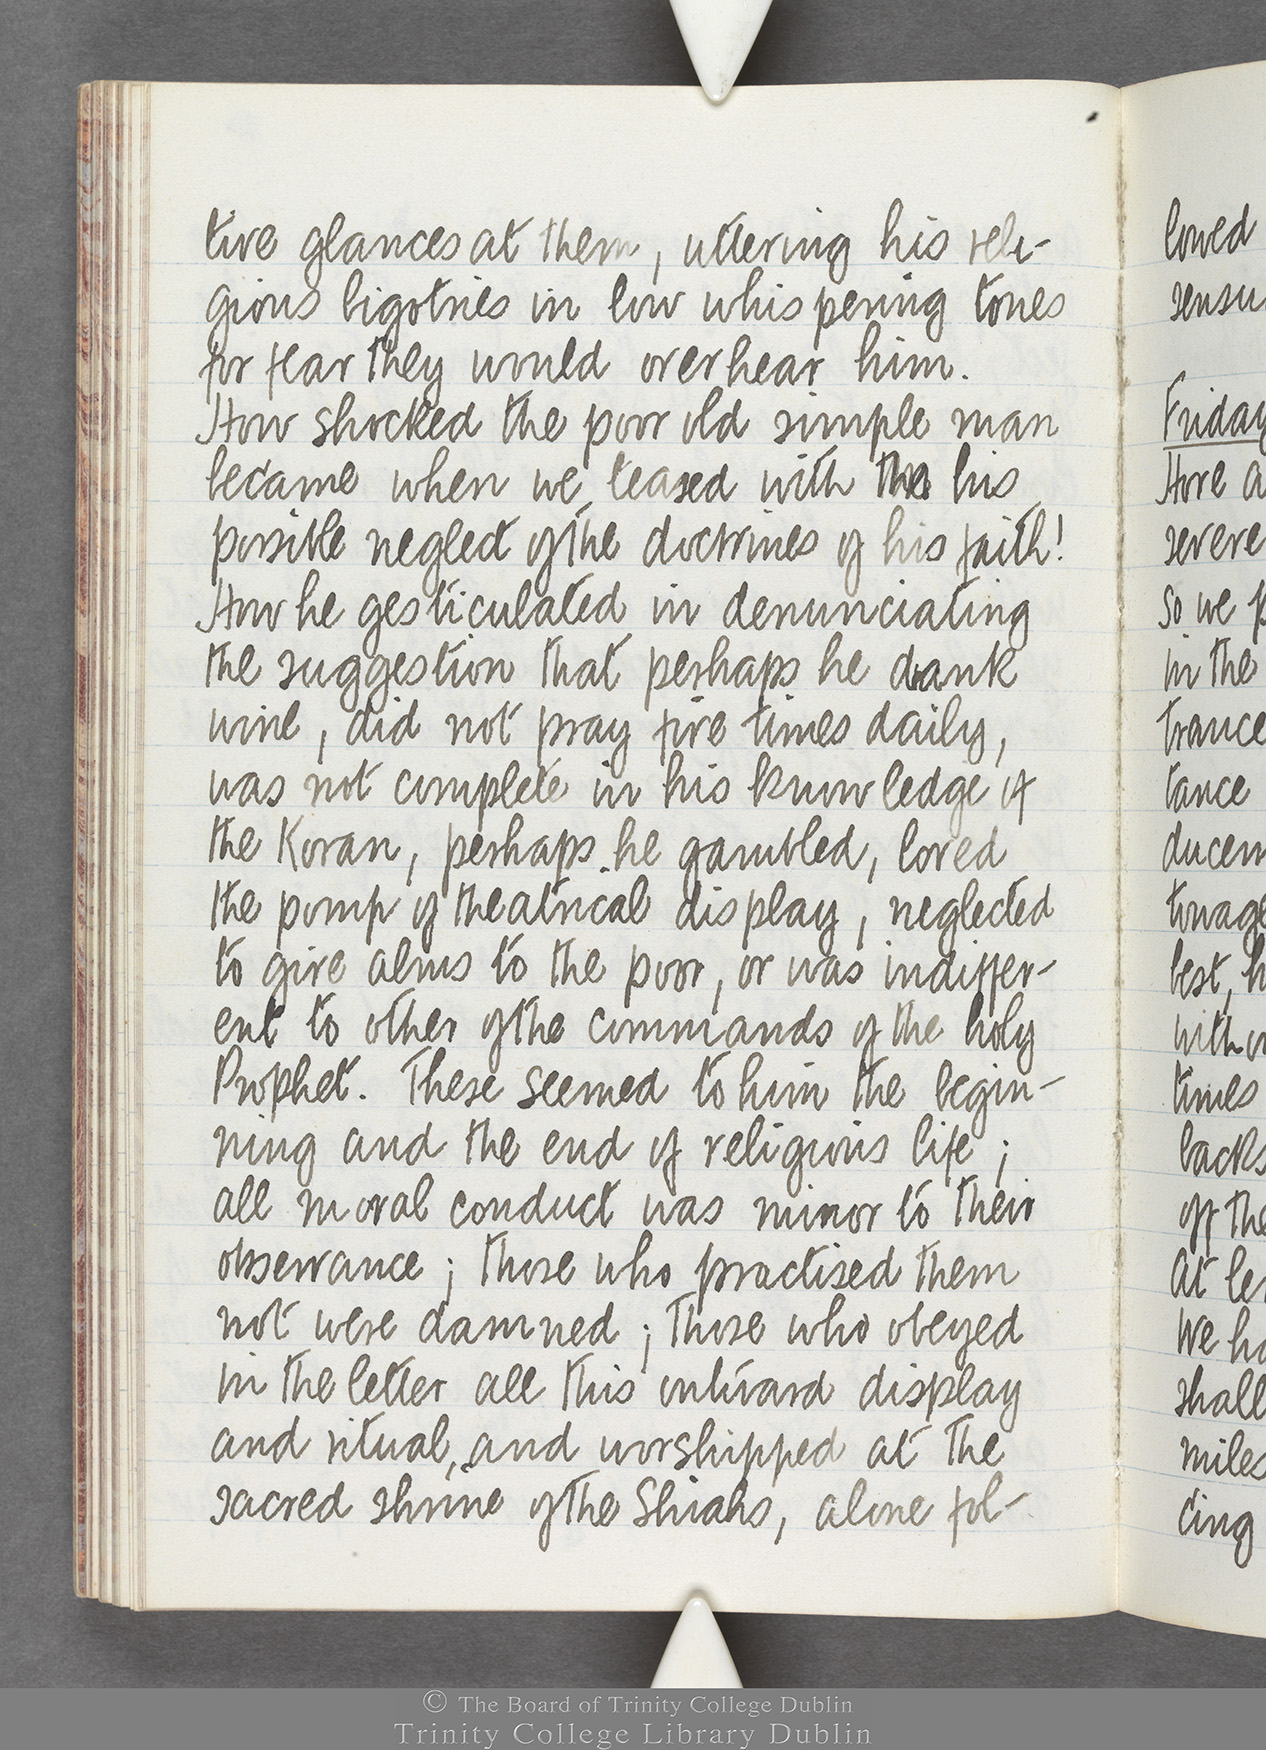 TCD MS 10516 folio 50 verso